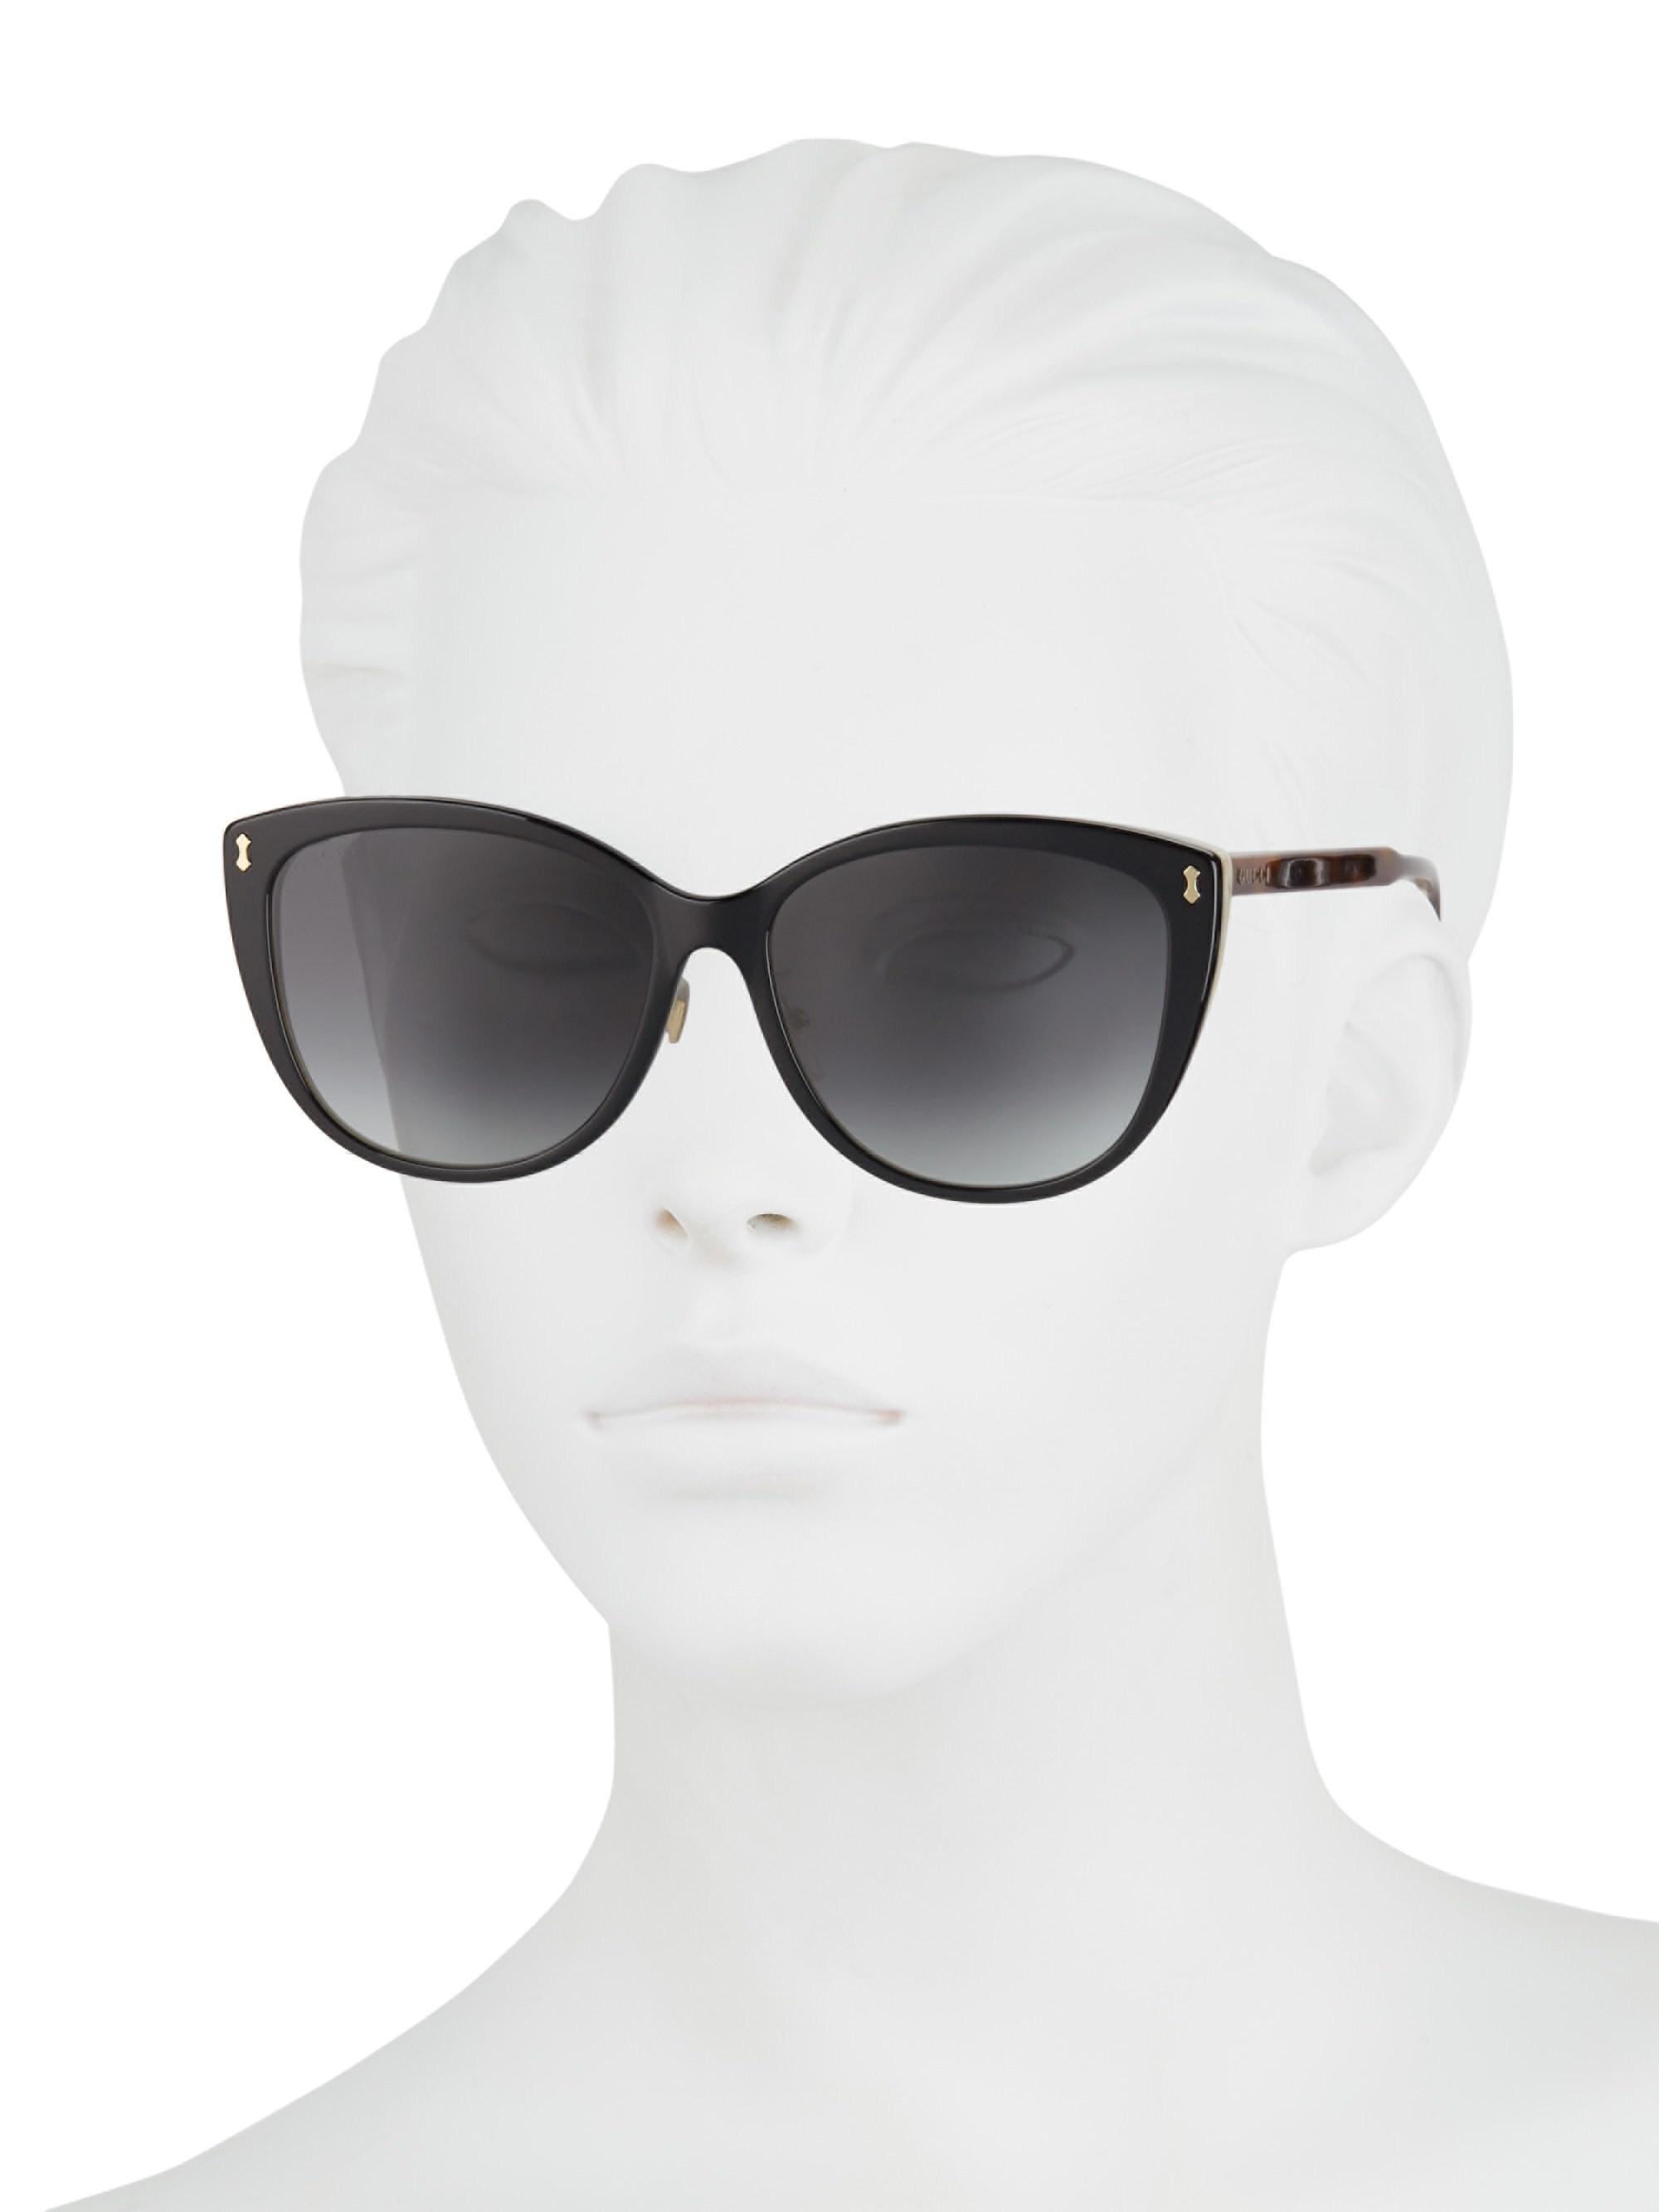 e391f7c83a8 Lyst - Gucci Horn Oversized Cat Eye Sunglasses in Black